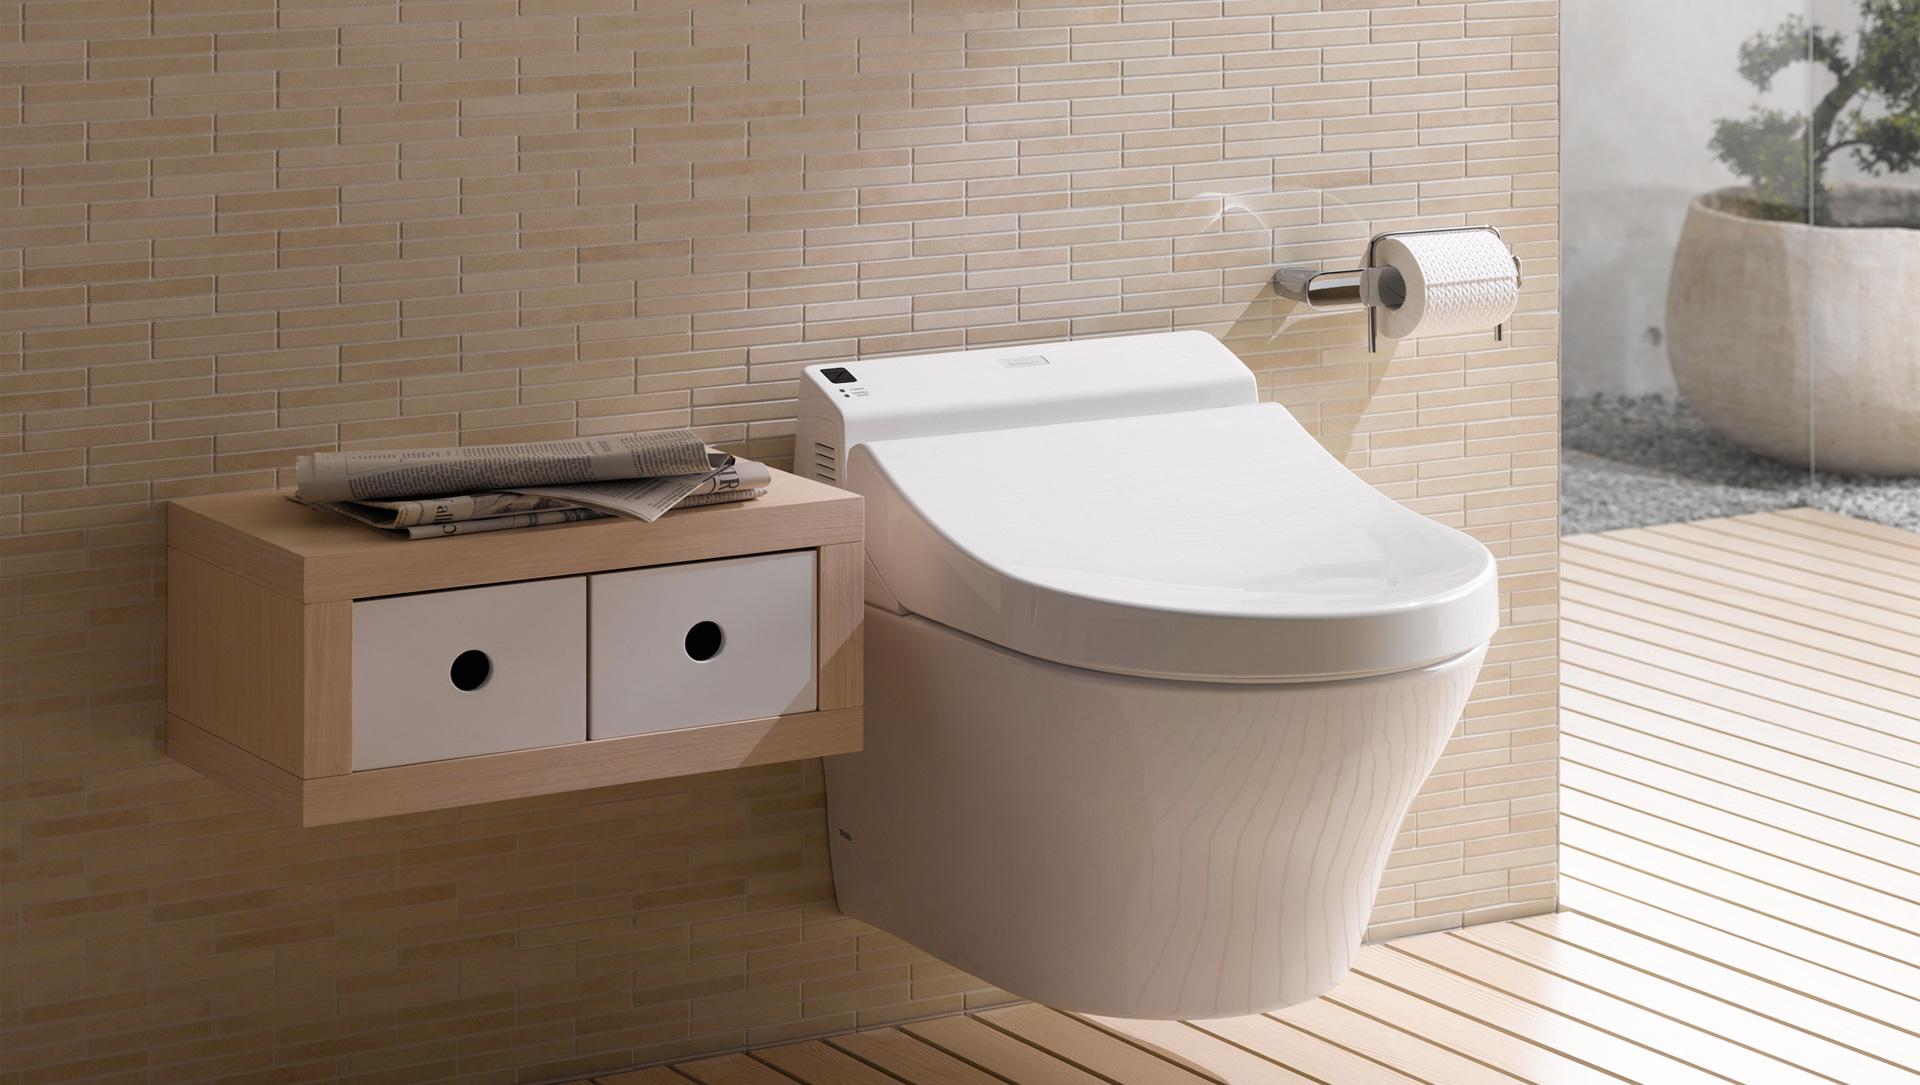 報導中指出,28 日,日本衛浴企業 TOTO 發佈截至 2016 年 3 月為止的 2015 年財報,數字顯示 TOTO 的銷售額達到 5,678 億日元,增長 4% ,營業利潤為 461 億日元,增長 23% 。合併凈利潤達到 357 億日元,比 2014 年增長 44% 。在改建需求市場增長的日本國內,包括溫水沖洗座便器銷量走俏,彌補了因中國市場低迷而利潤下降的海外業務。期末每股分紅配息為 34 日元,較預期增加 4 日元。